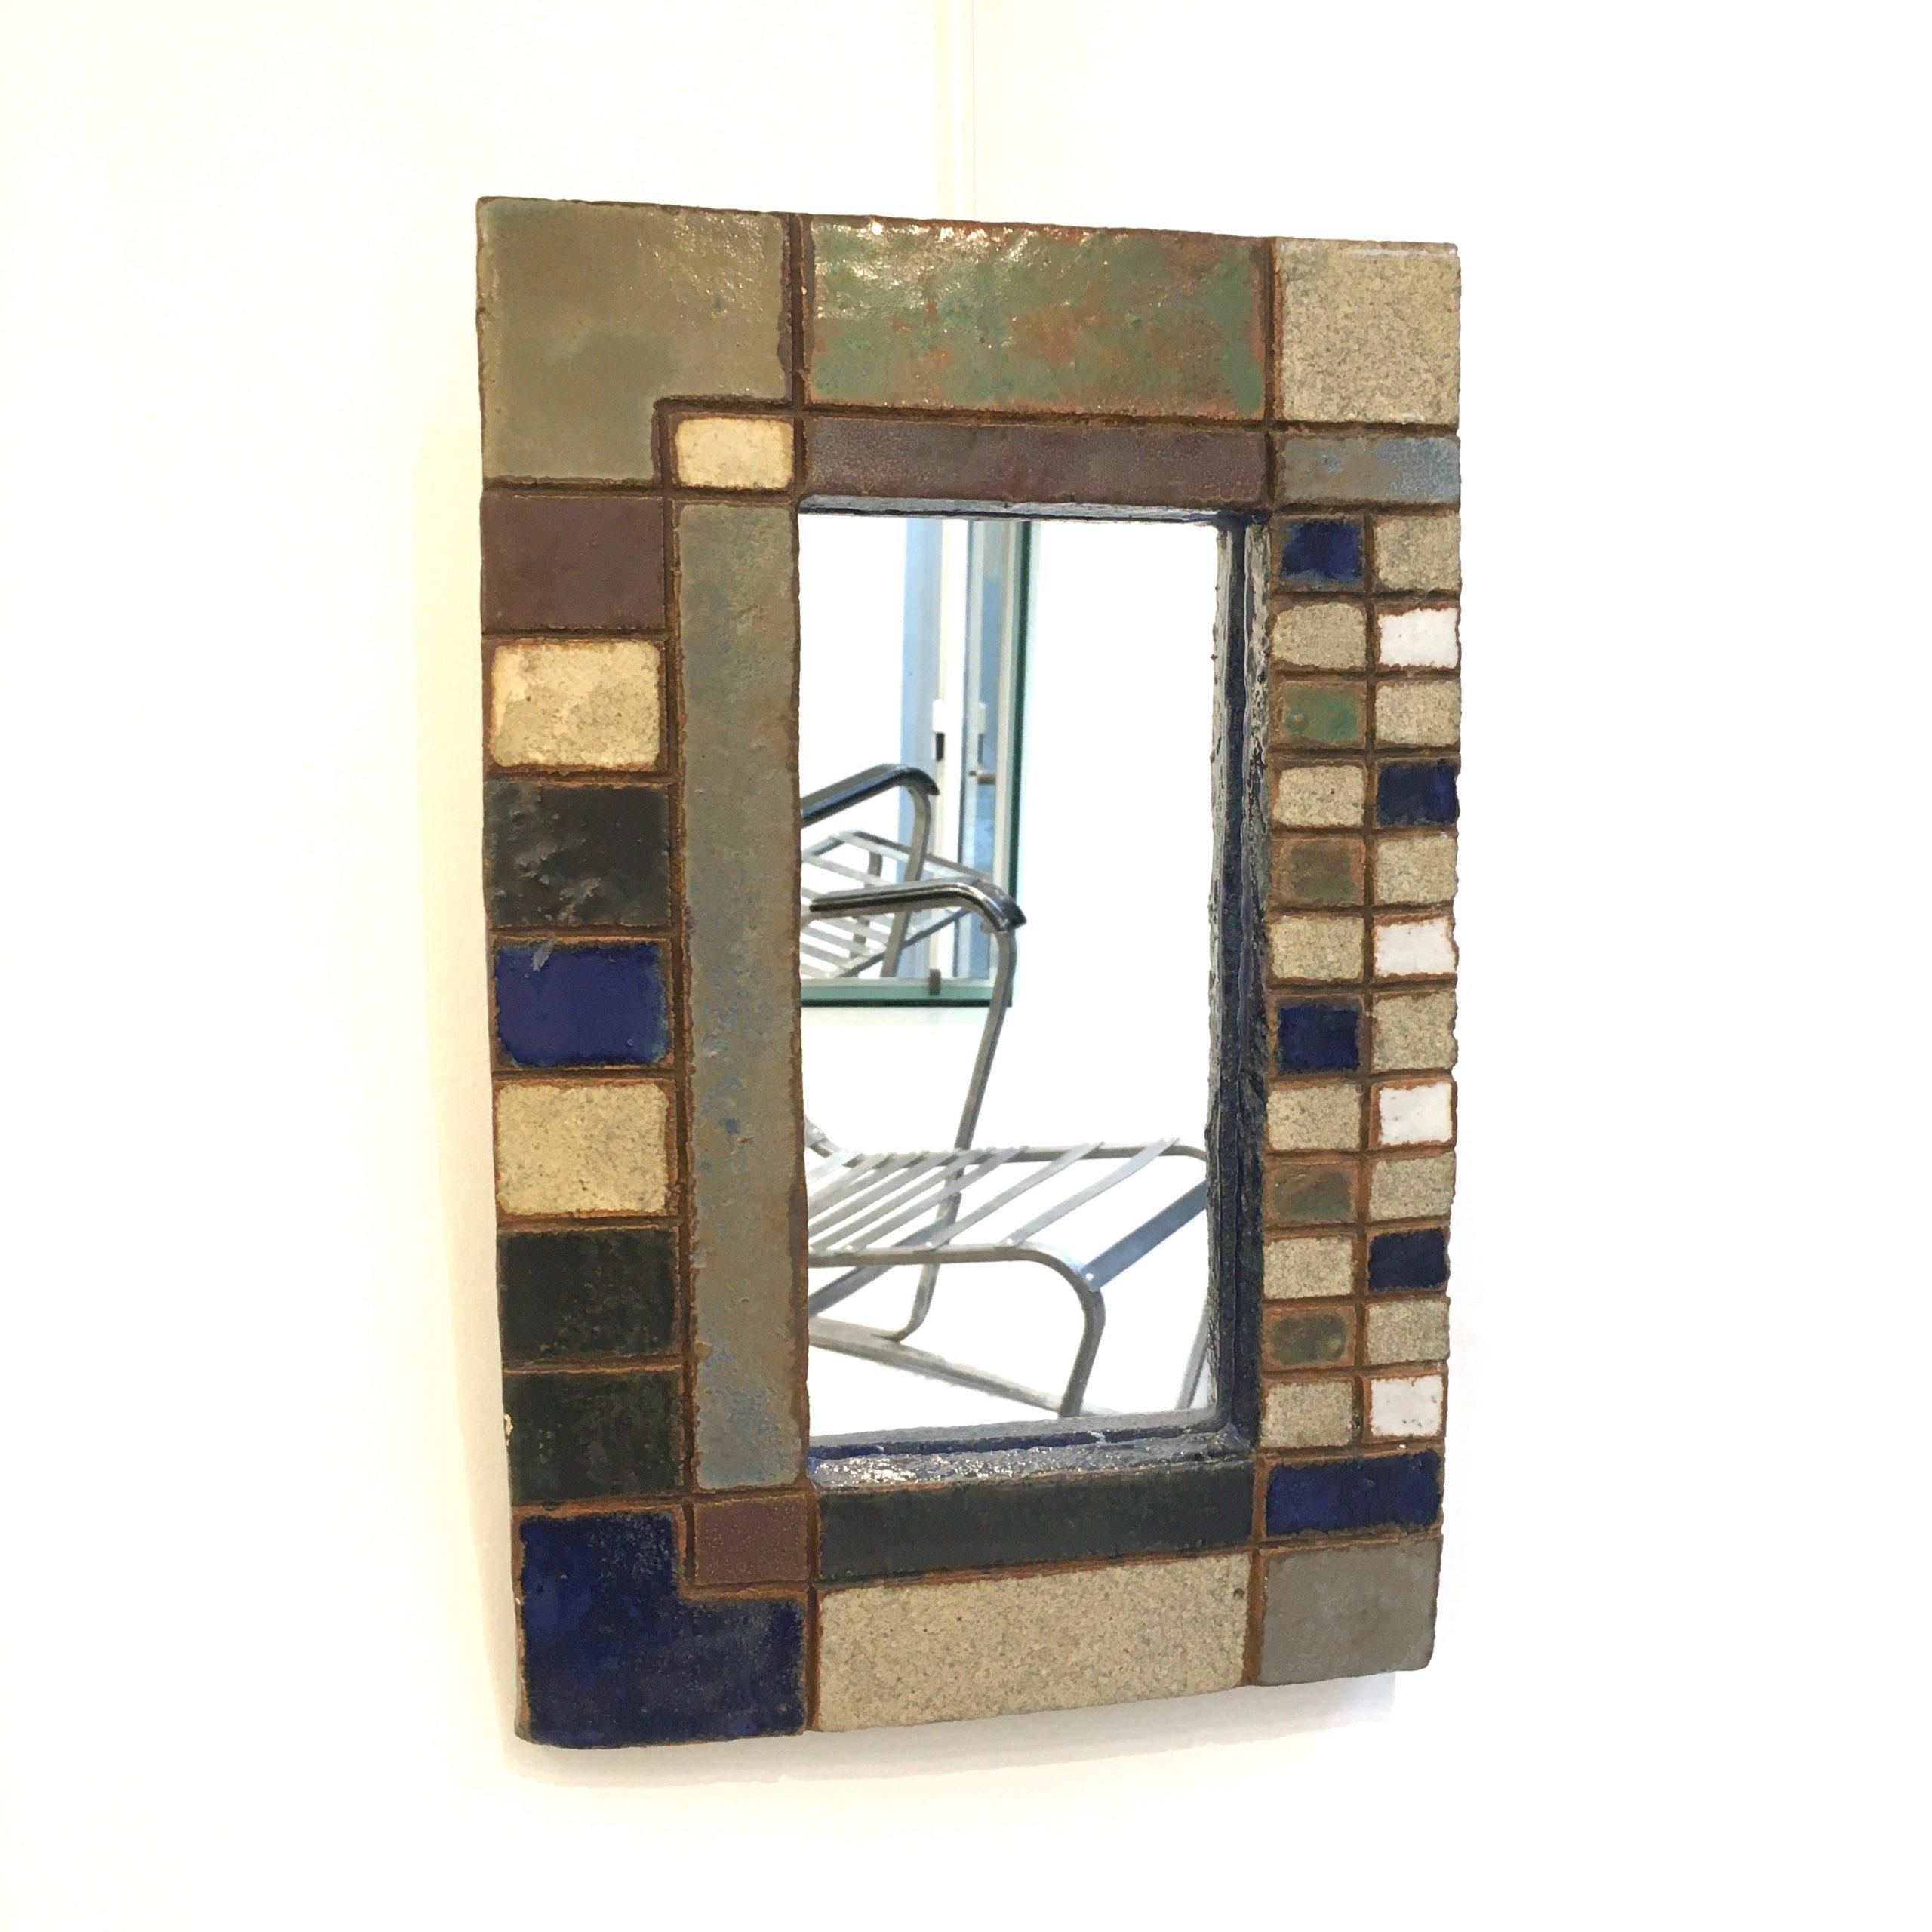 Miroir céramique 1 Les Argonautes Vallauris Galerie Avenir bis